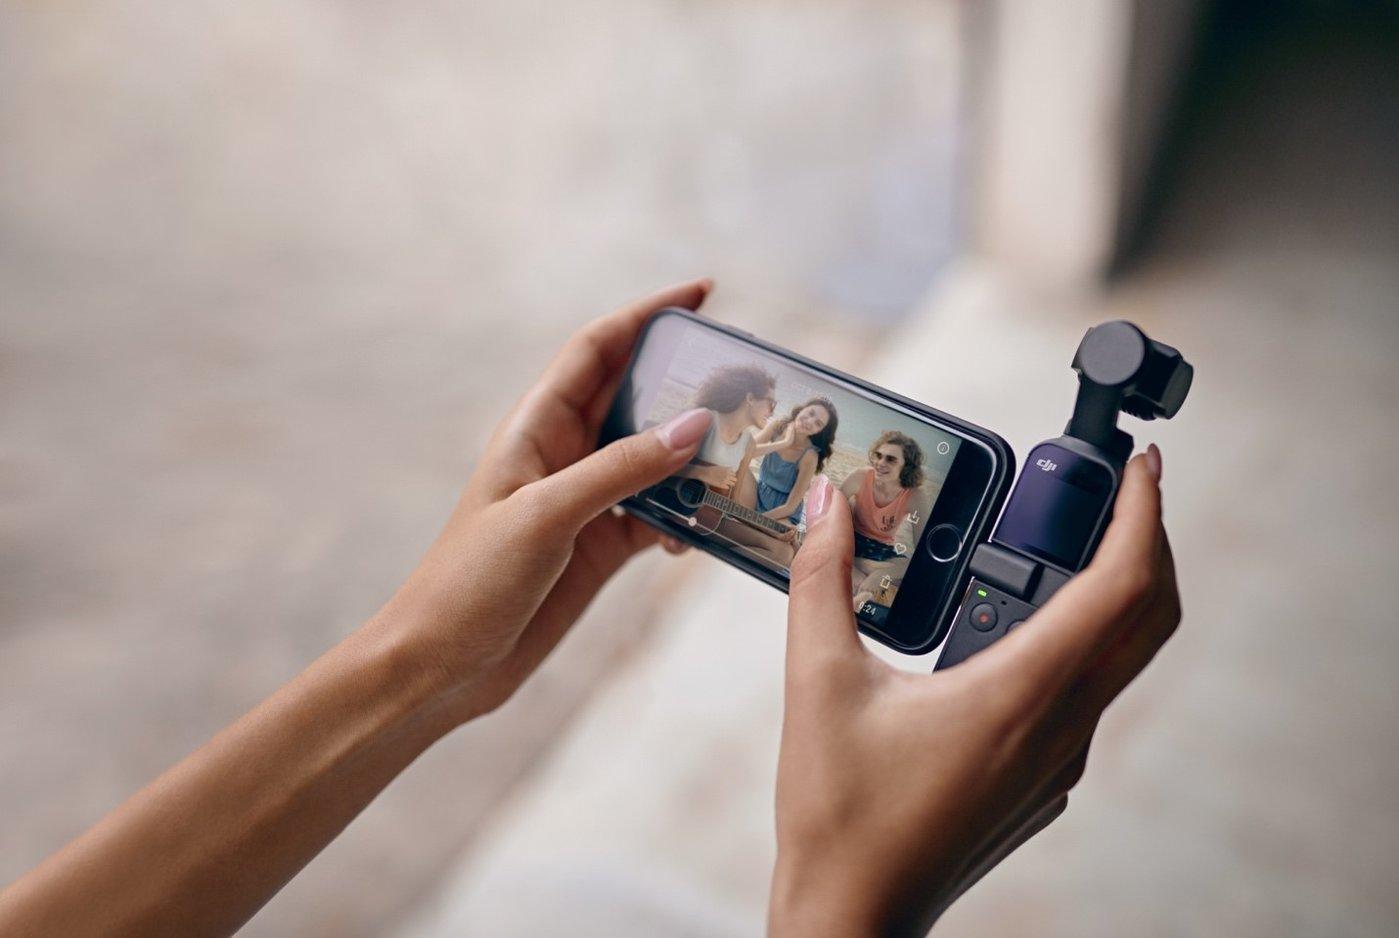 扩展接口可以与手机或者其他设备连接